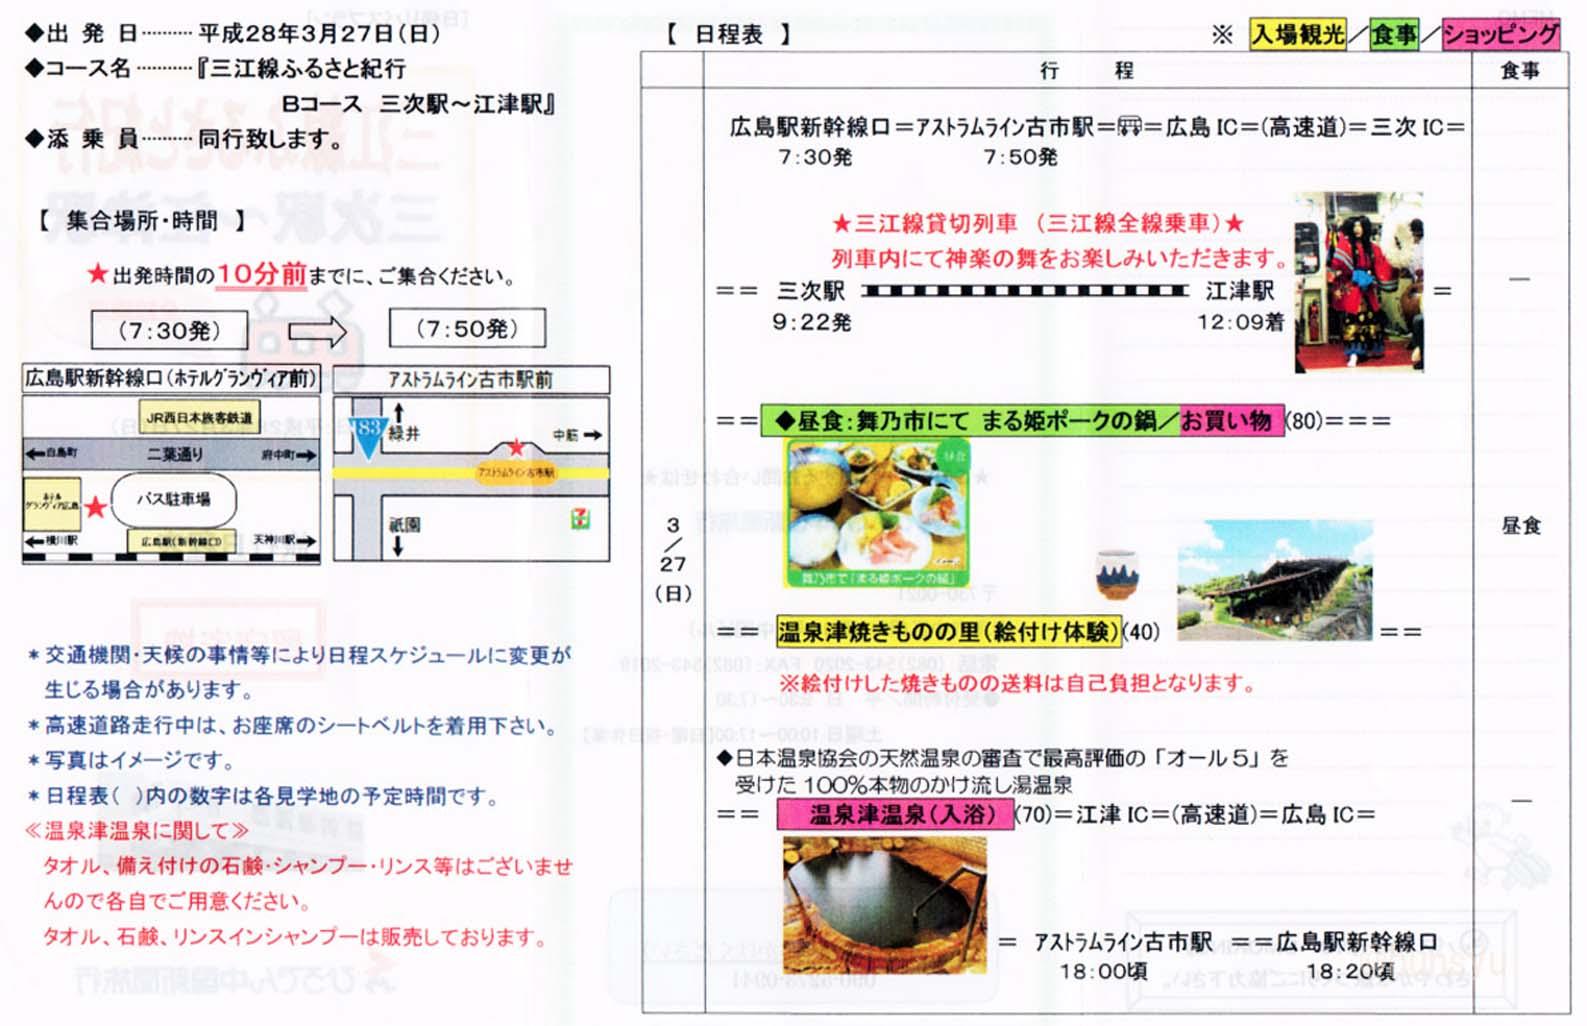 05_三江線ふるさと紀行_100001